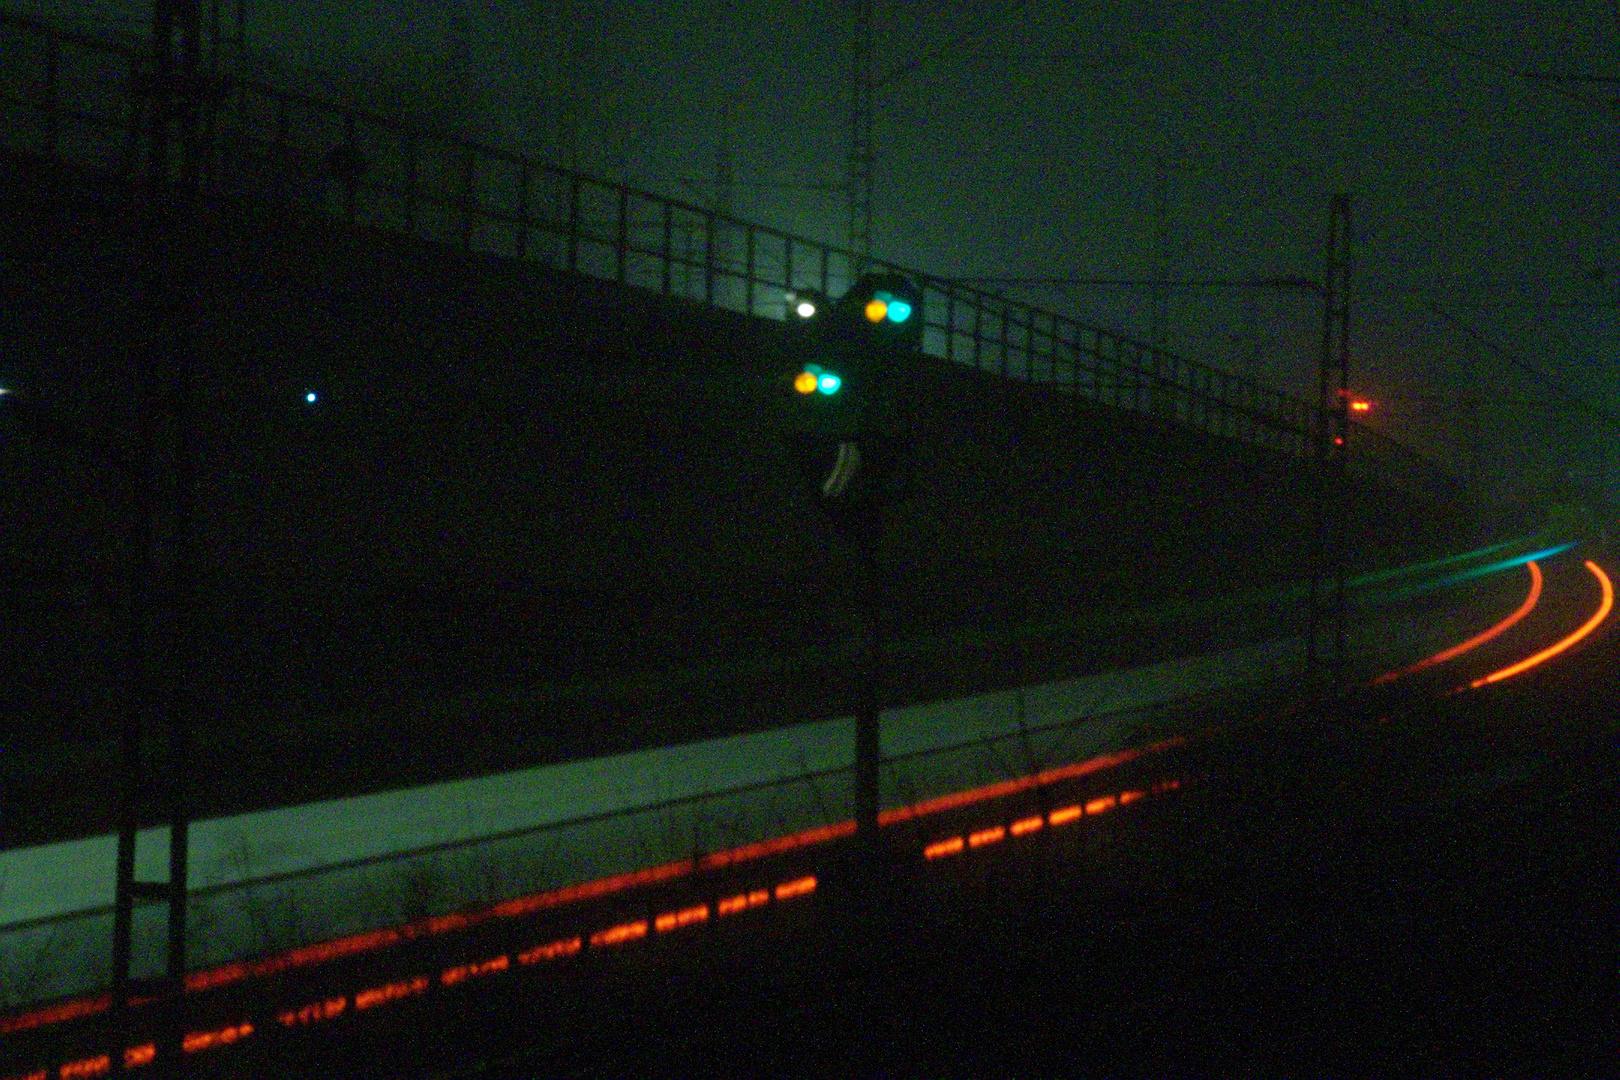 Nacht aufnahme Bahn